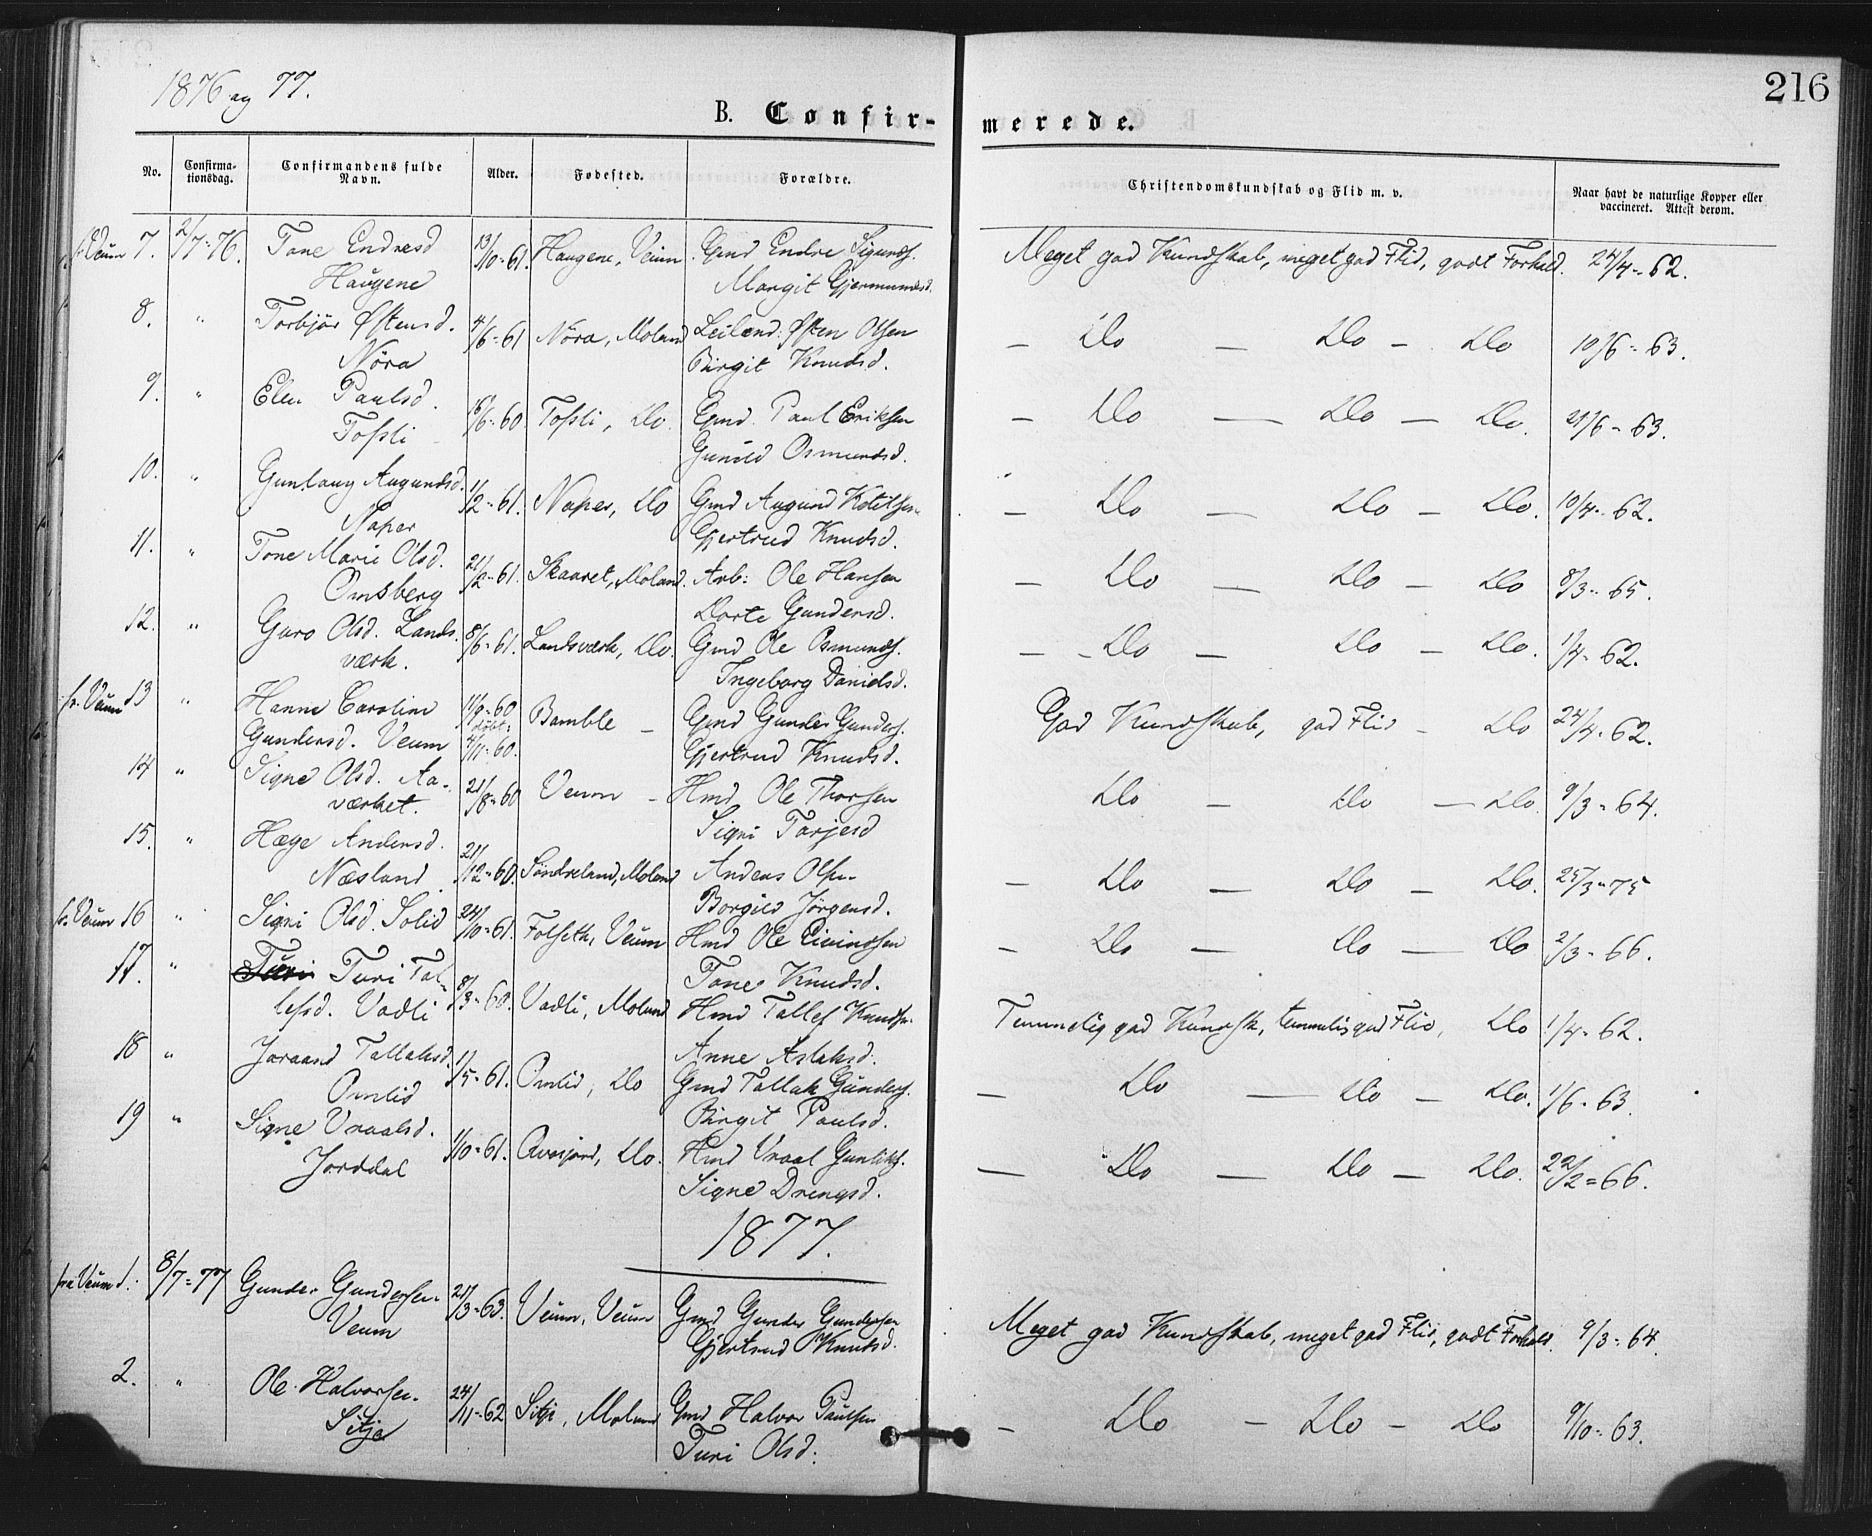 SAKO, Fyresdal kirkebøker, F/Fa/L0006: Ministerialbok nr. I 6, 1872-1886, s. 216